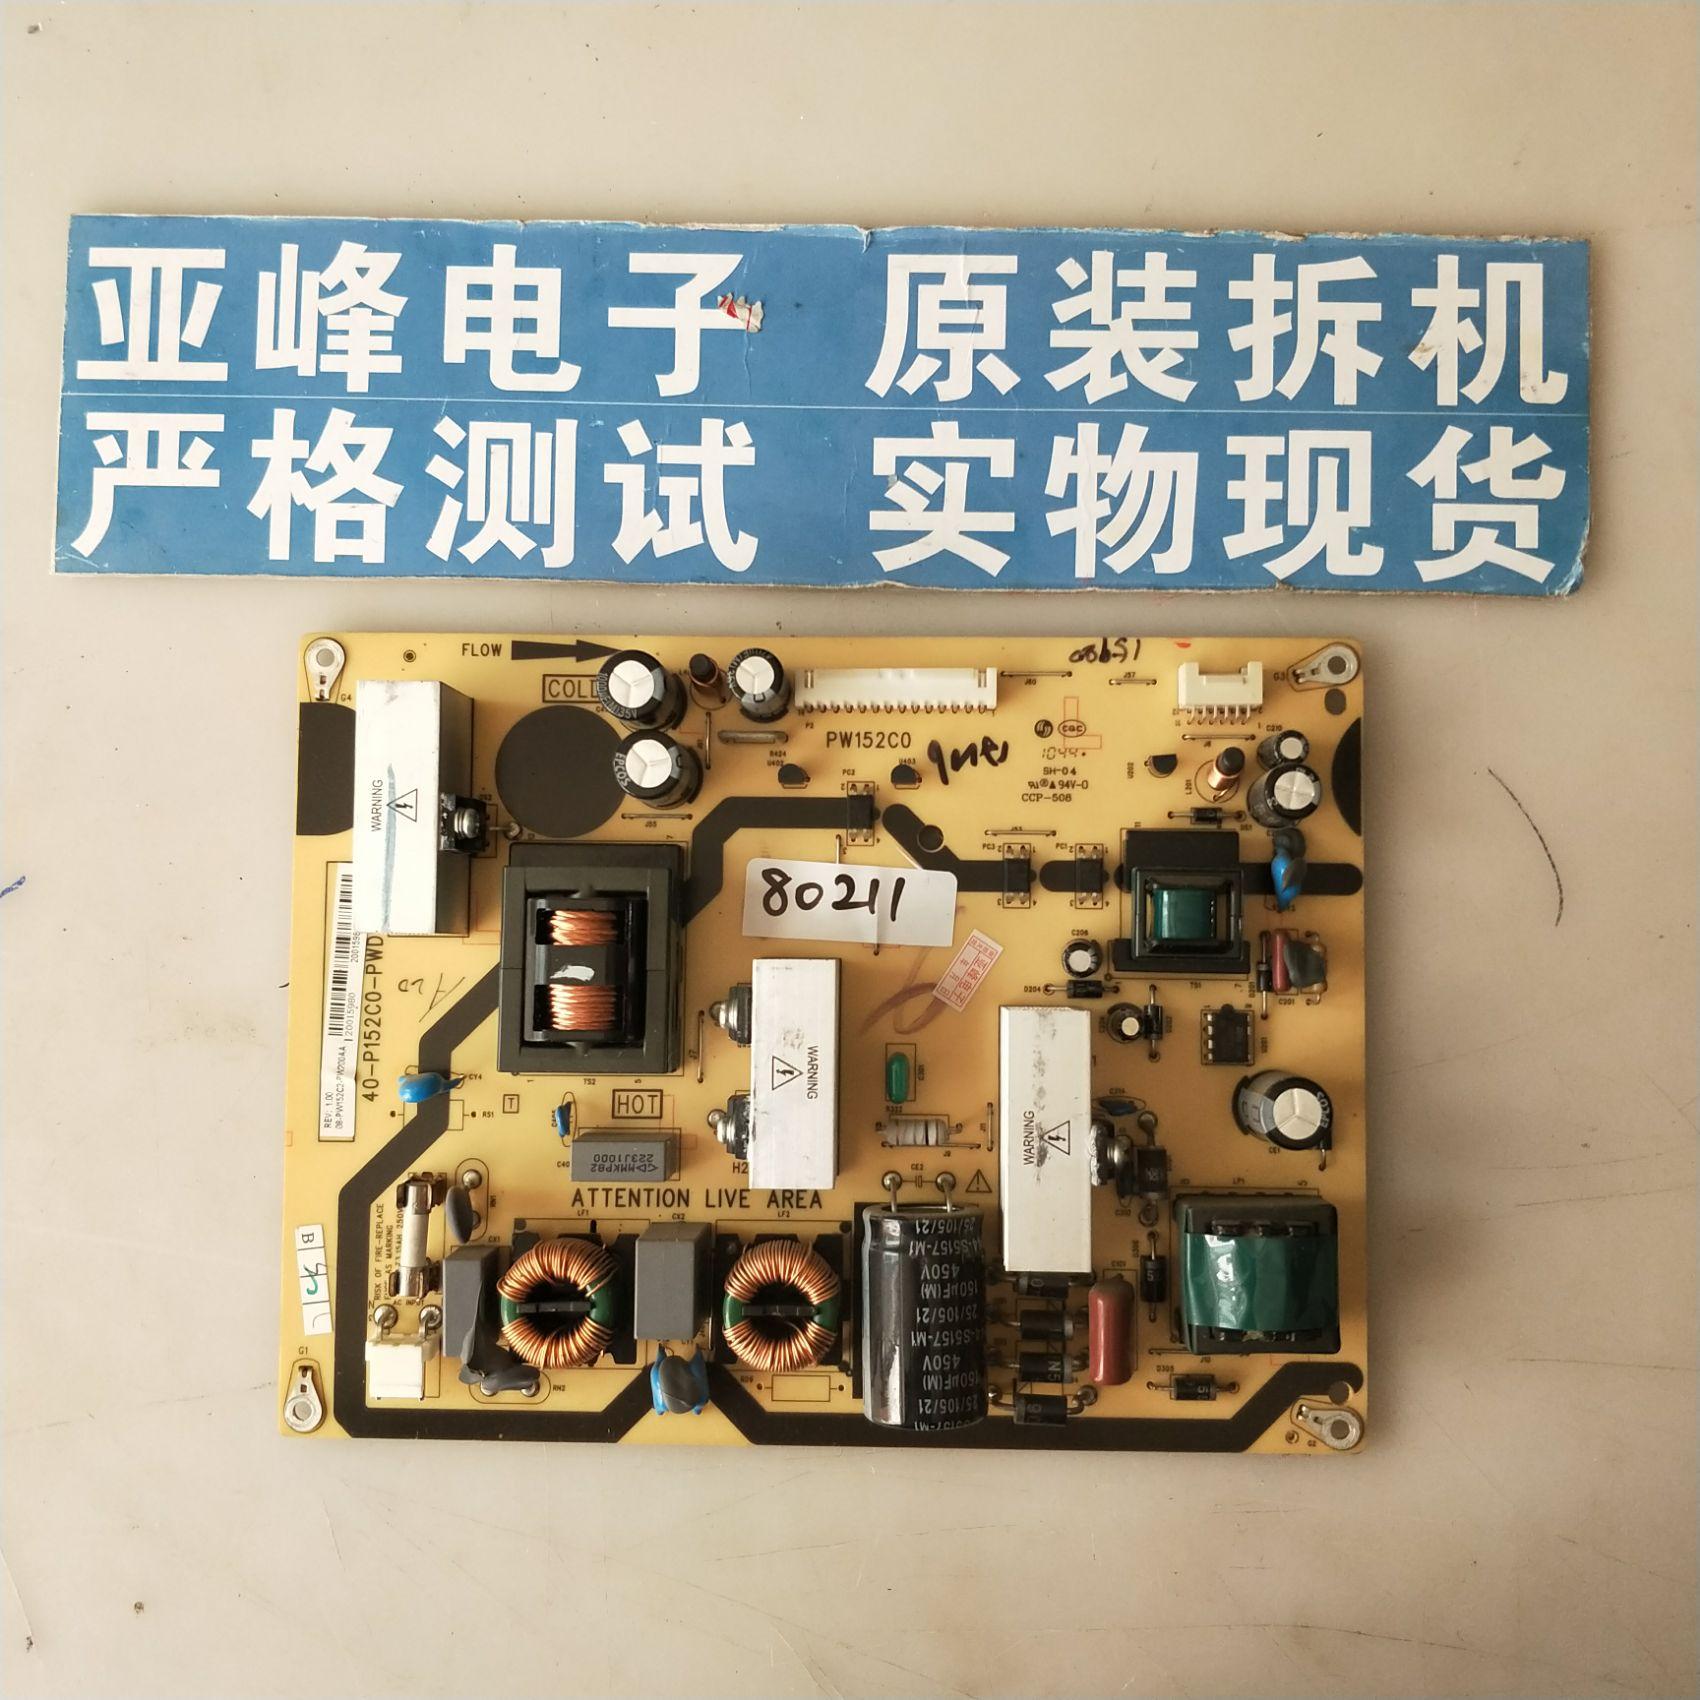 TCLL32F11 original LCD TV power board 40-P152C0-PWG1XGPW152C0..